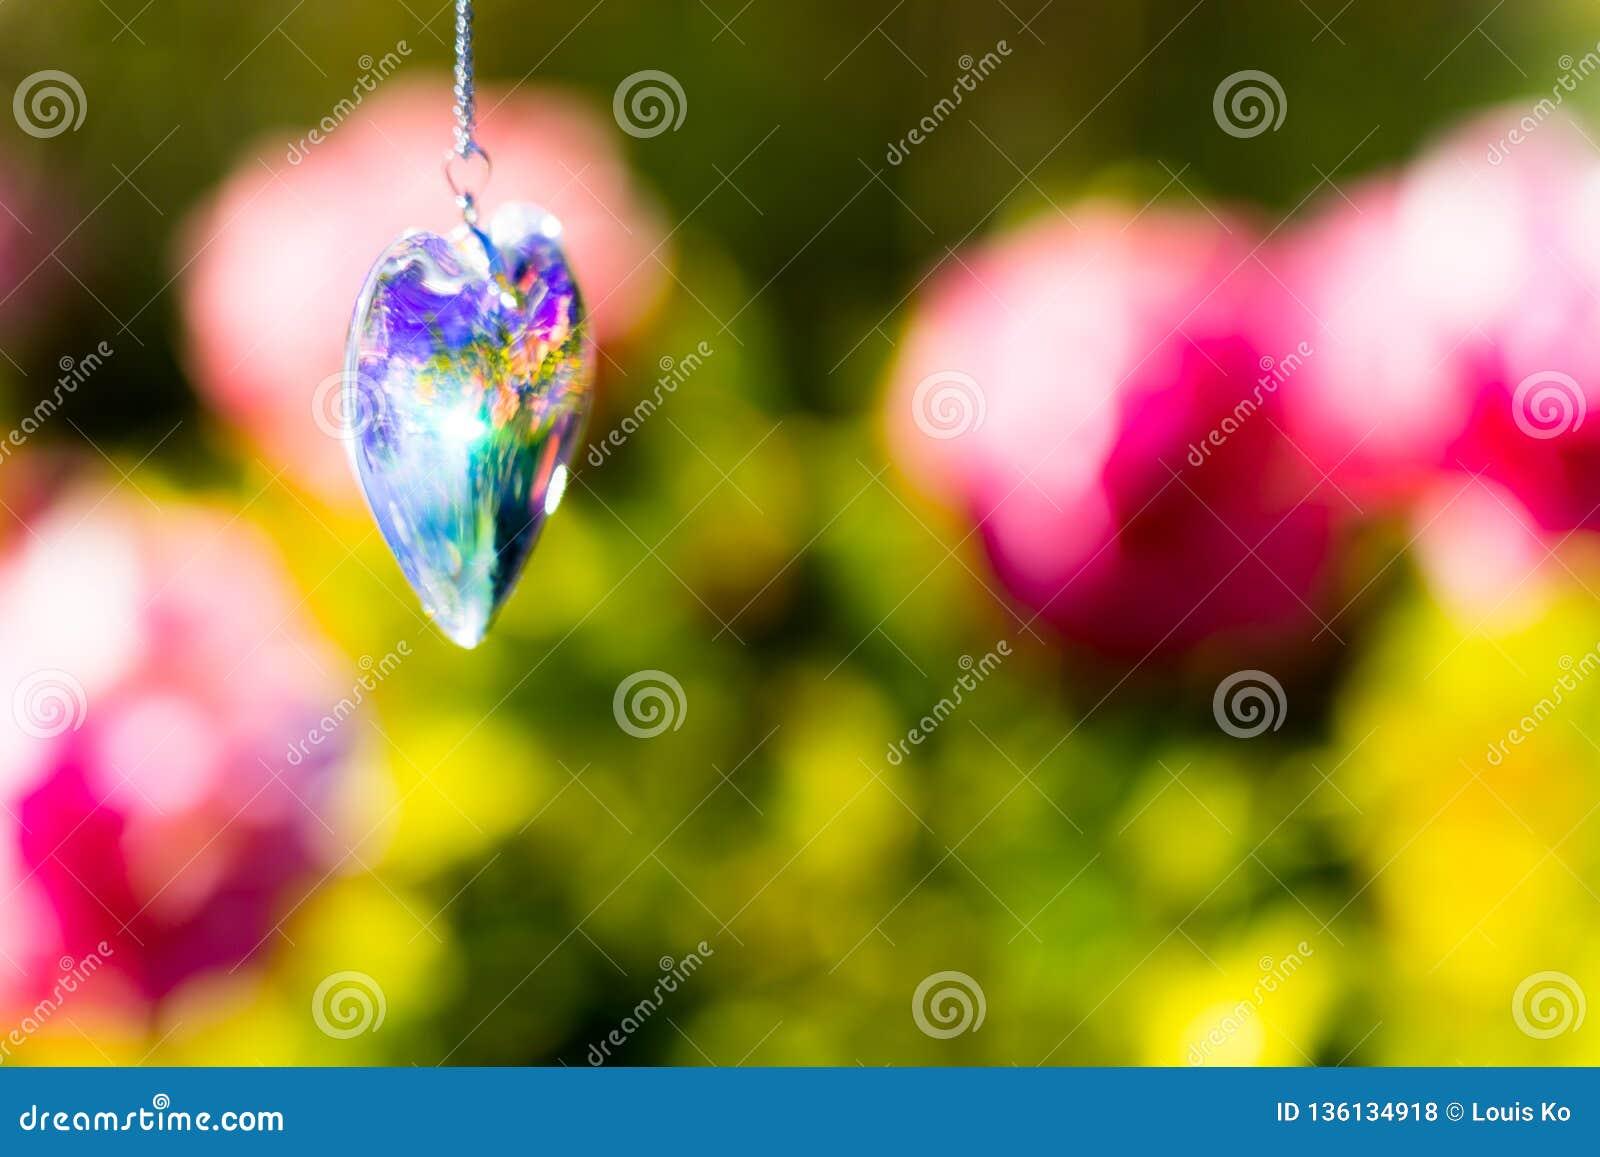 Kierowy krystaliczny szkło refract światło słoneczne - ogródu różanego tło